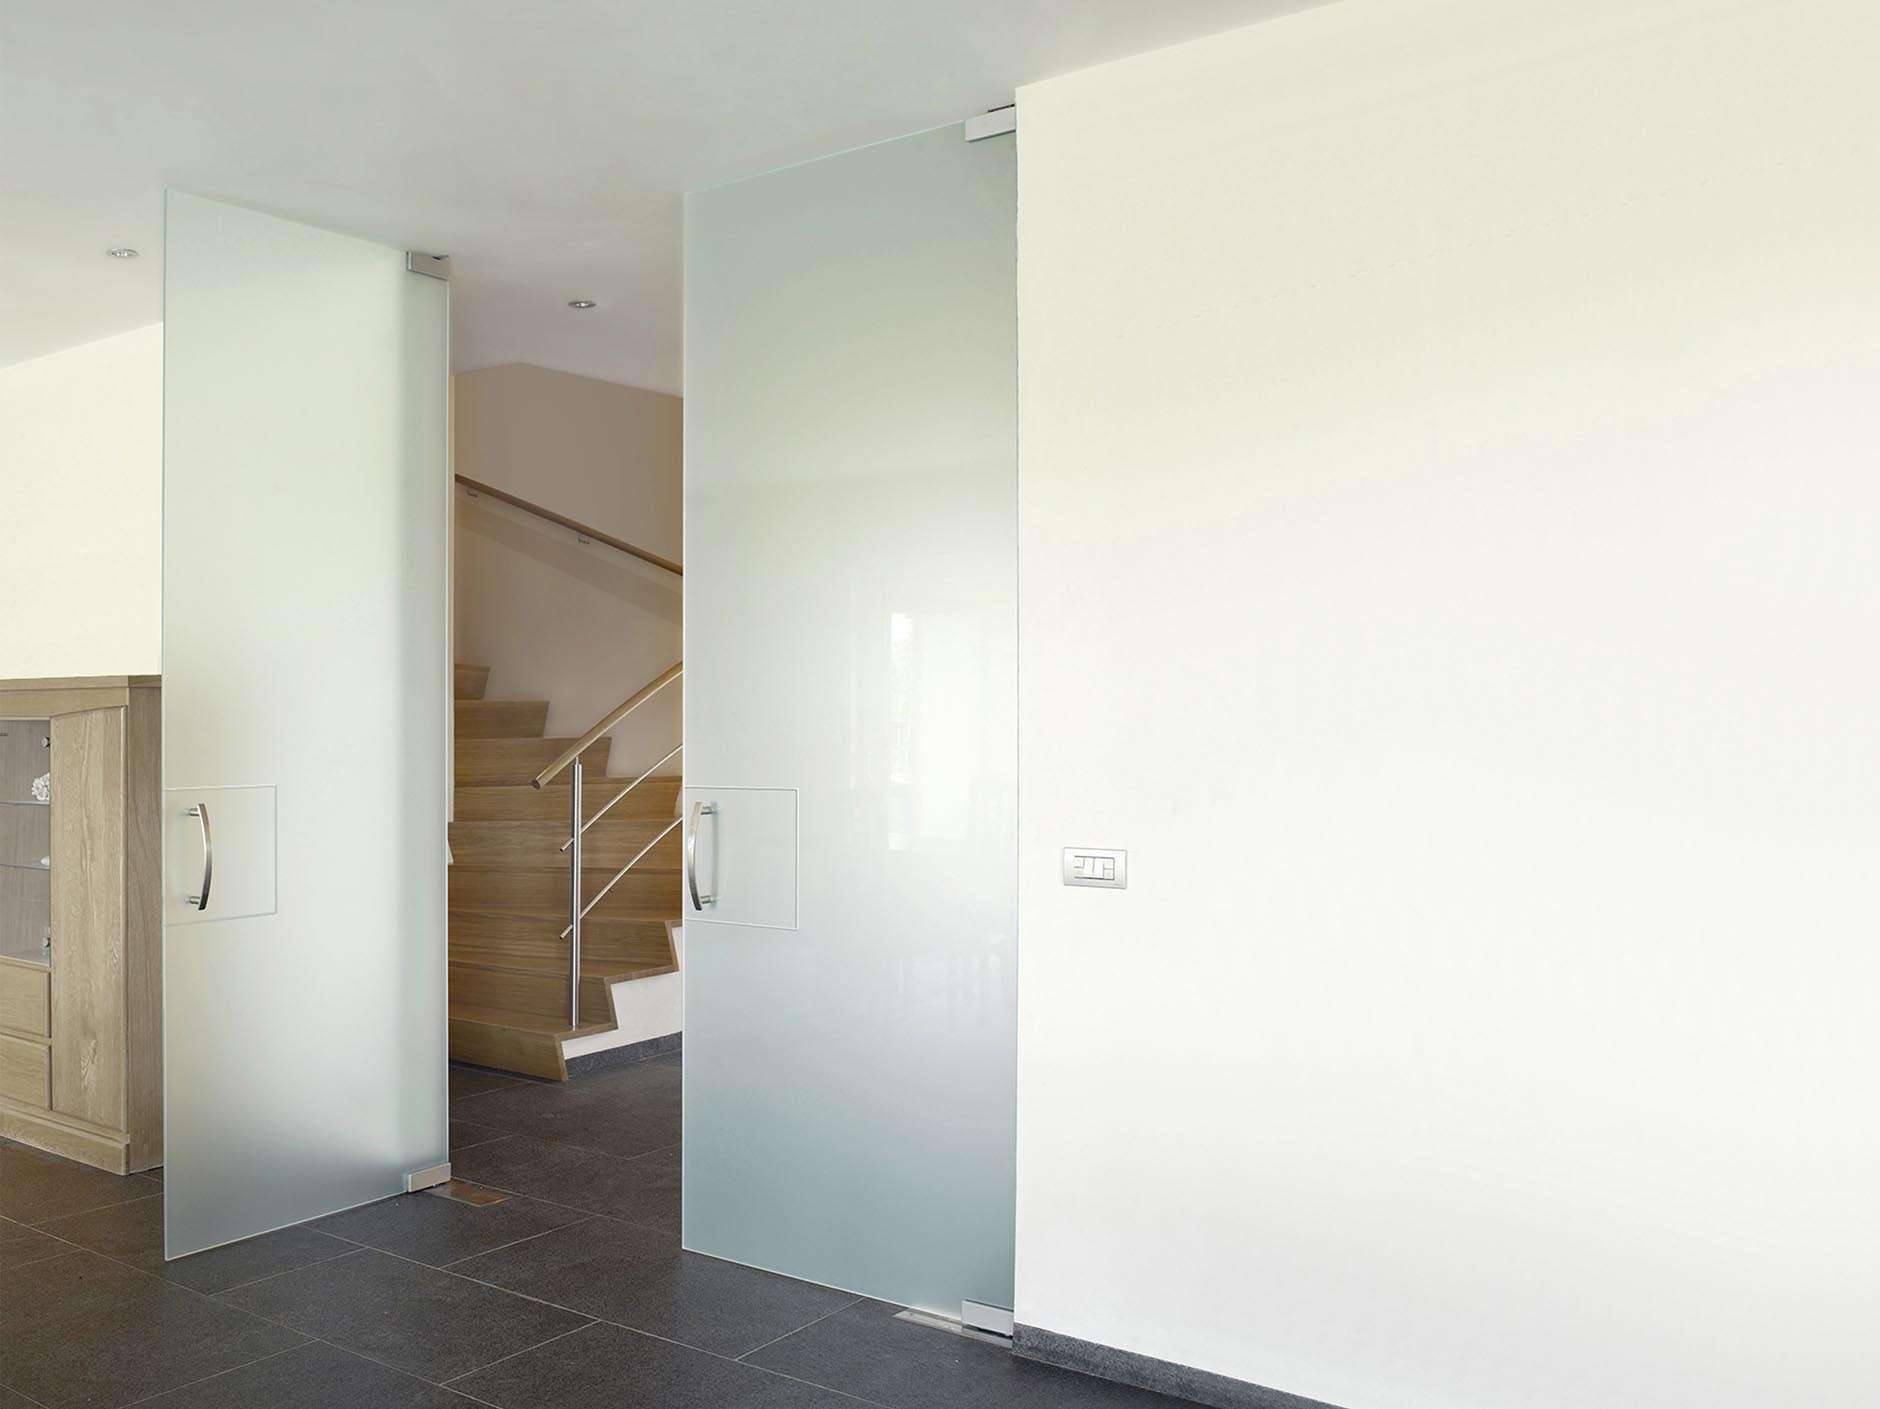 dubbele-glazen-deur-gezuurd-vloerveer